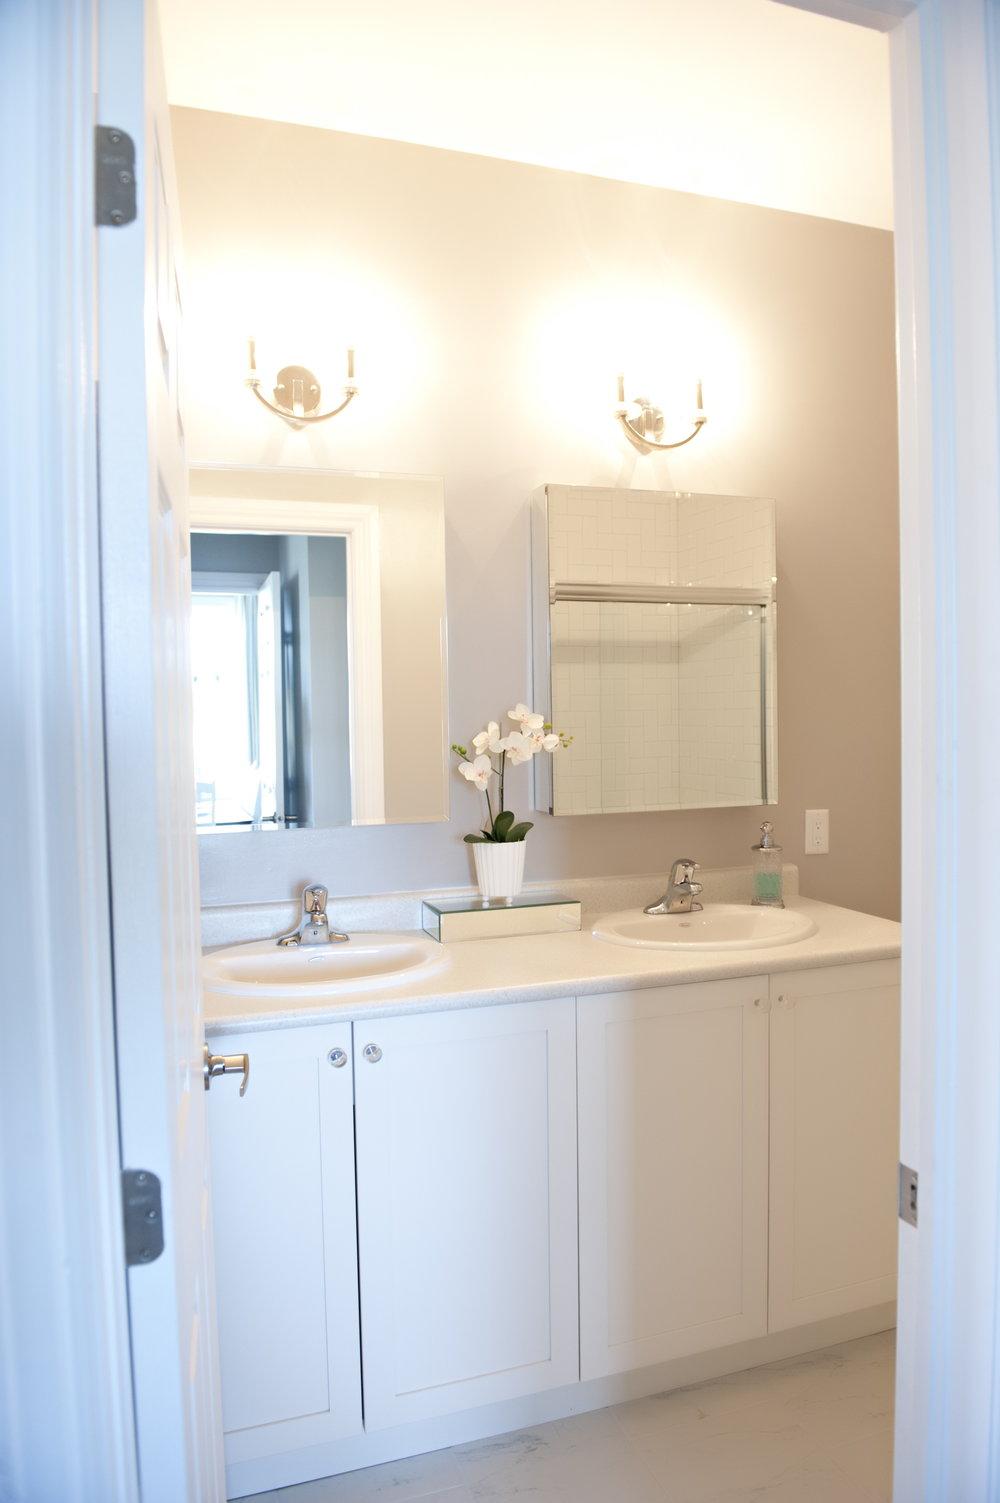 Interior-Design-McGregor-Project-Double-Sinks